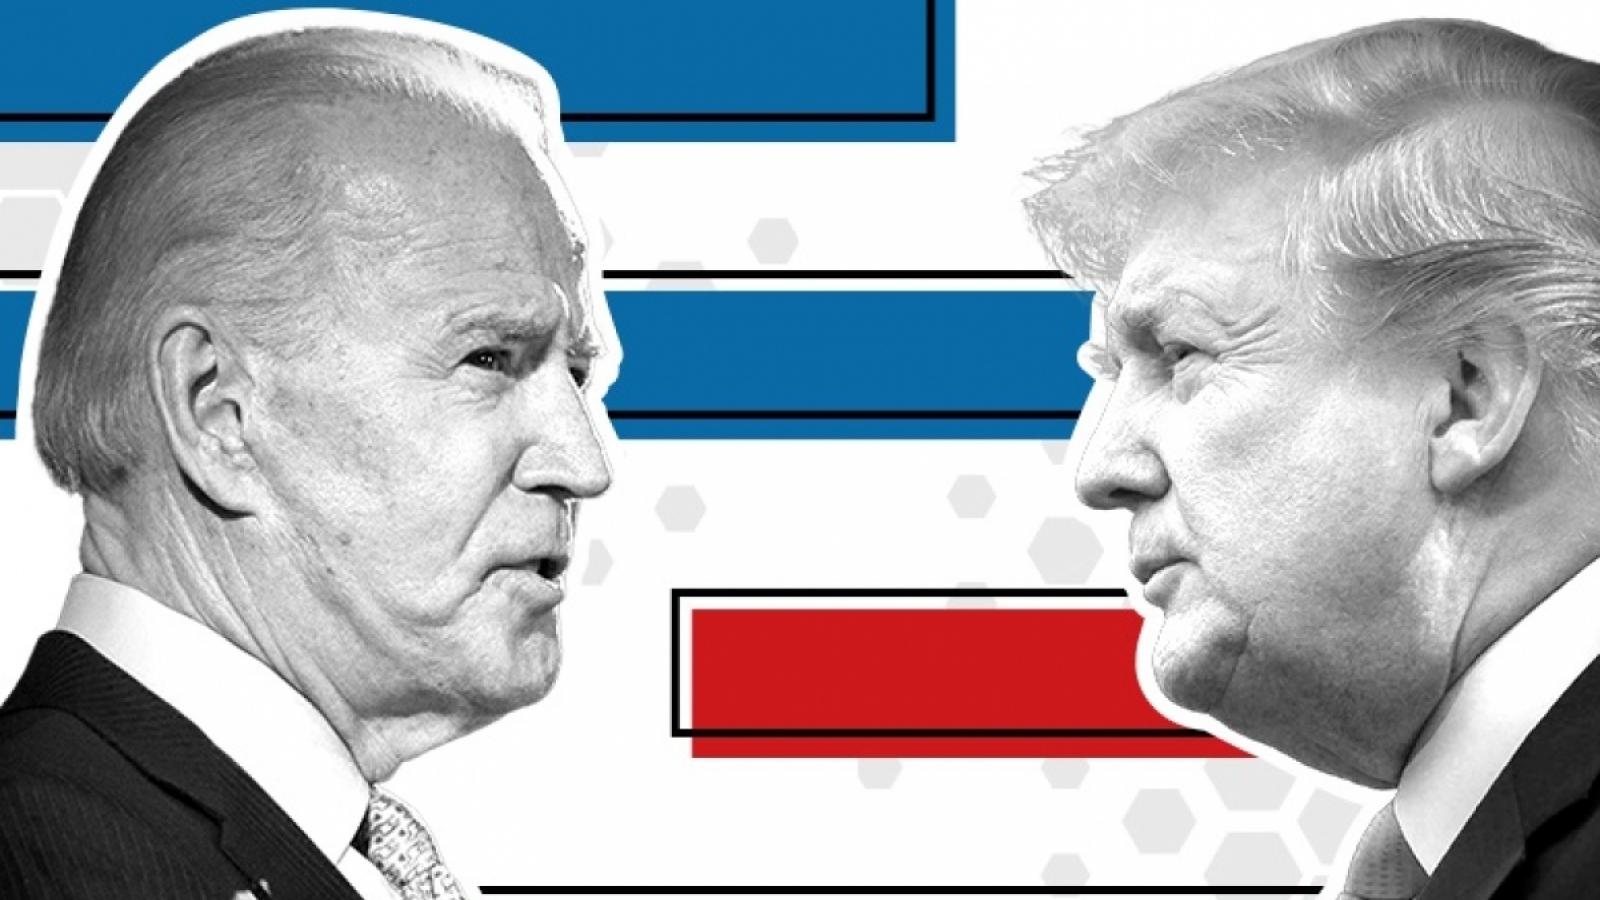 Kết quả bầu cử Tổng thống ở Mỹ sẽ ảnh hưởng thế nào đến kinh tế Nga?